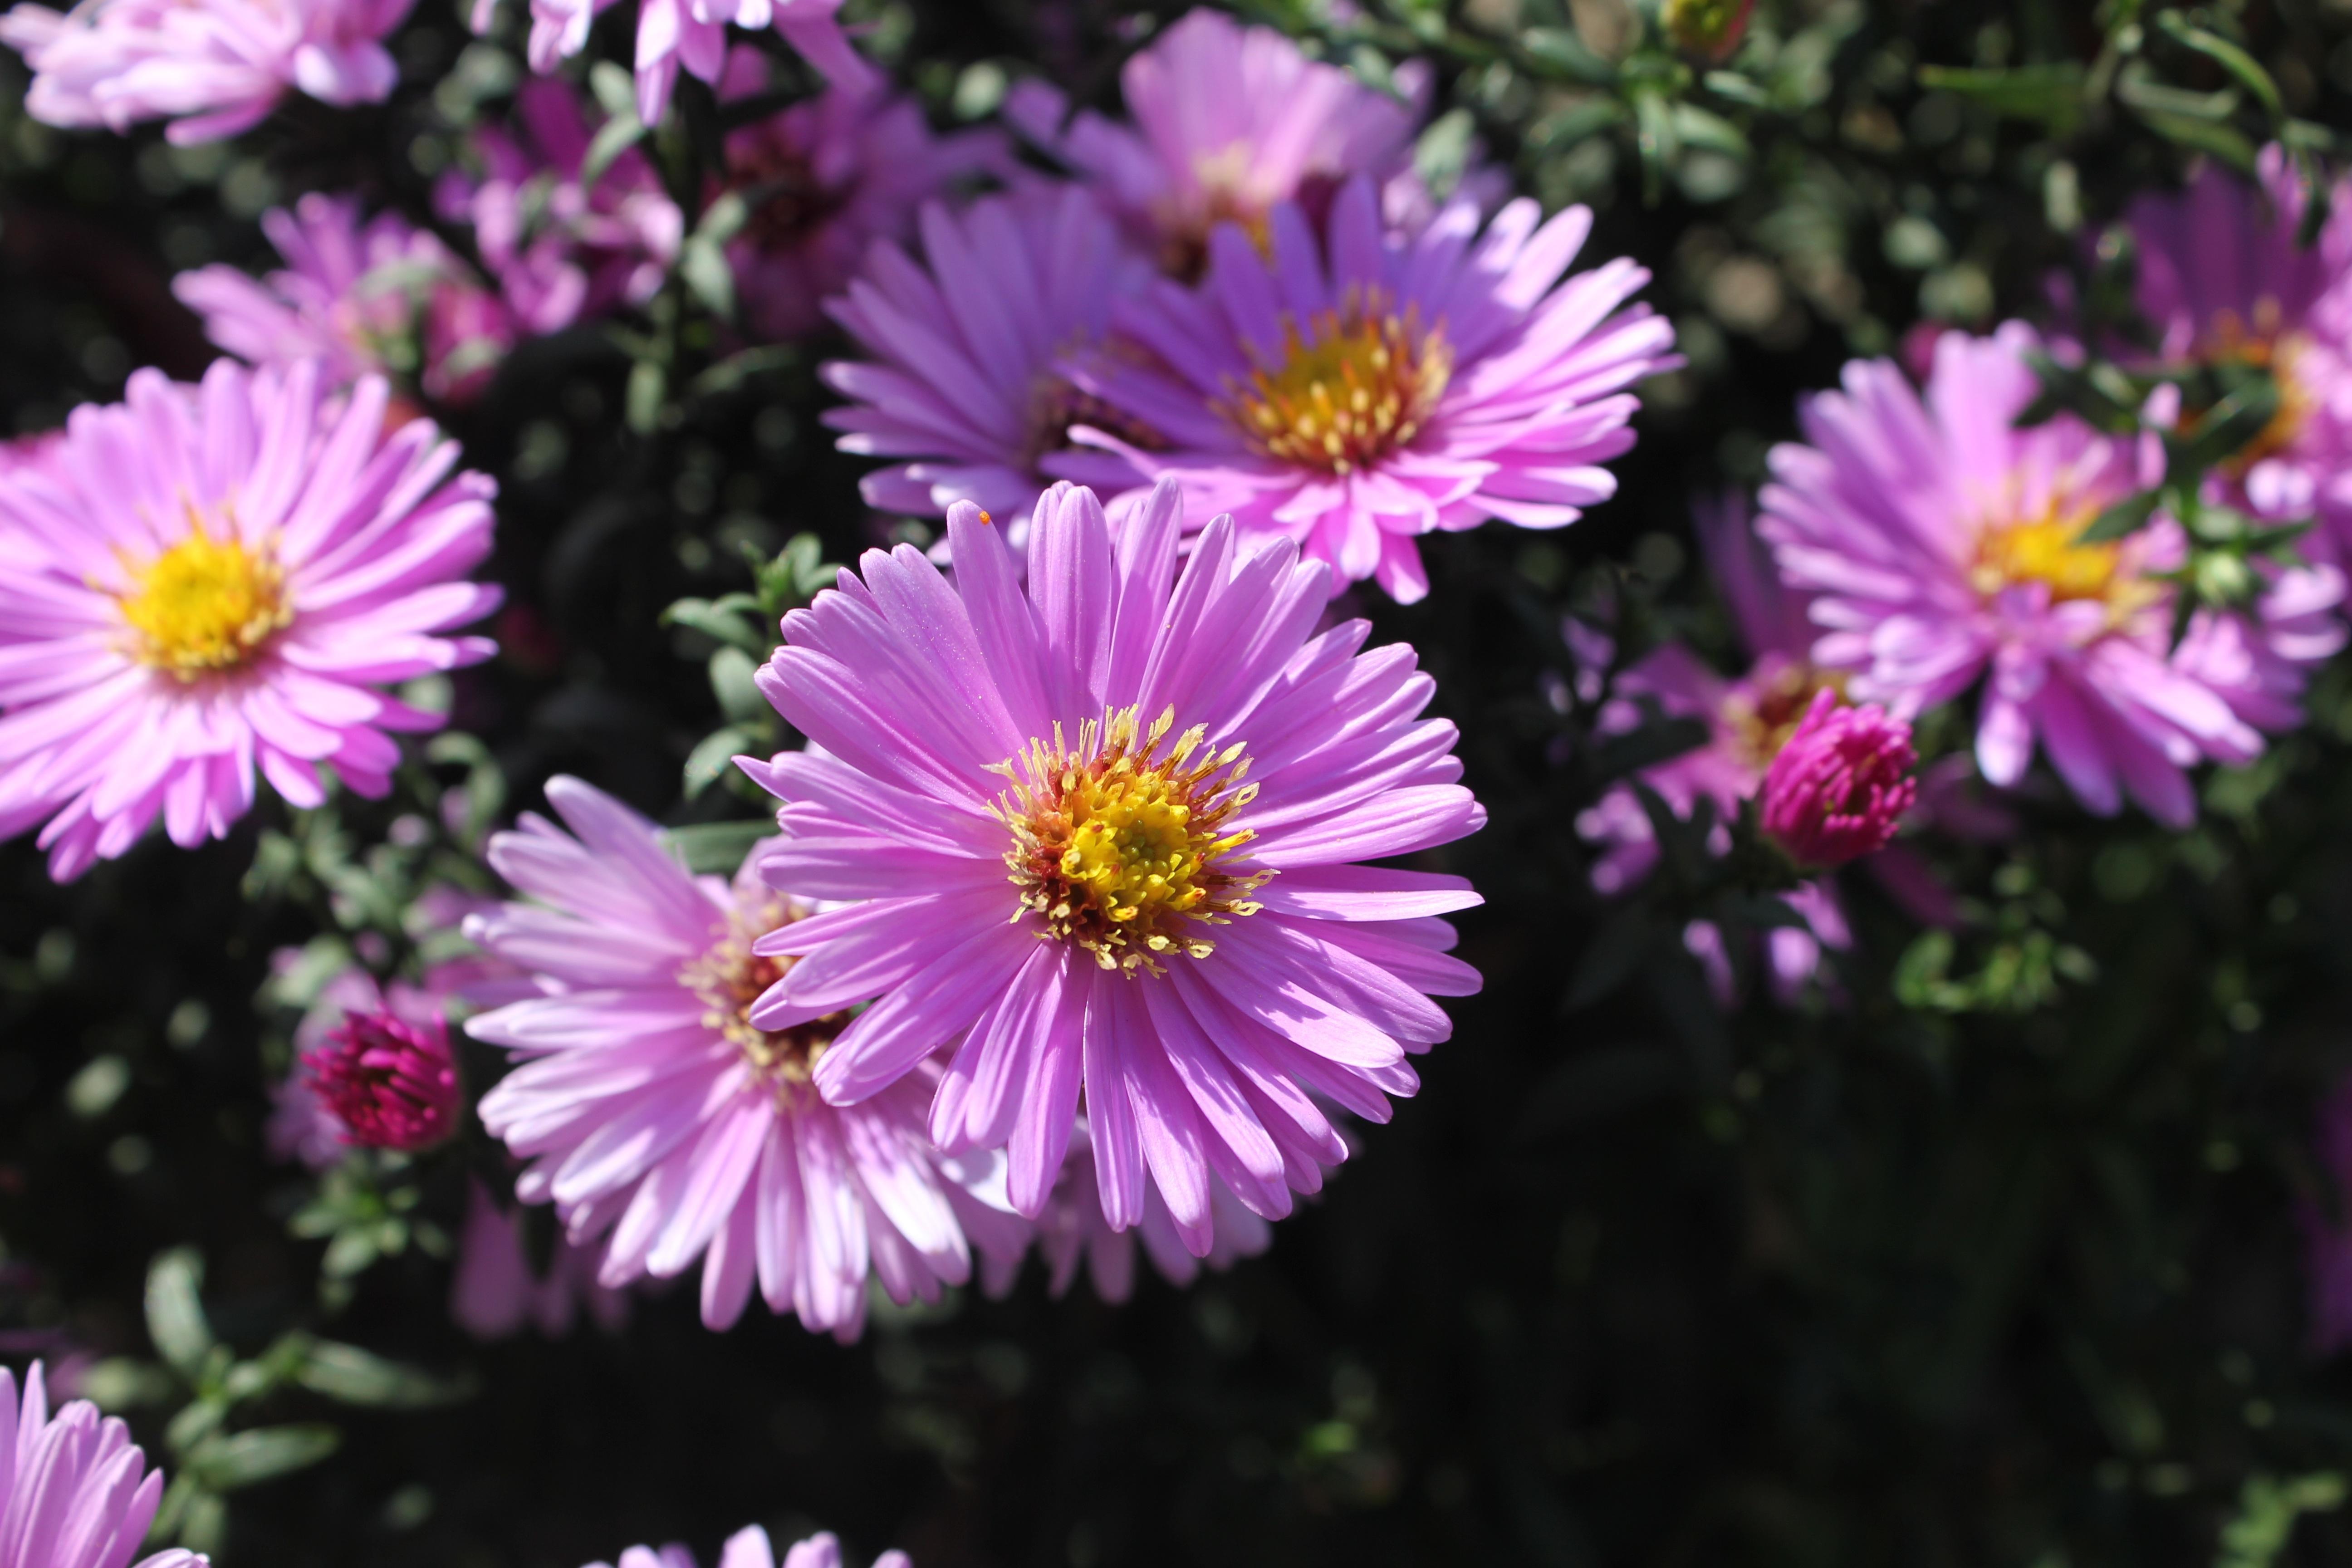 Free Images Nature Petal Summer Flora Purple Flowers Violet